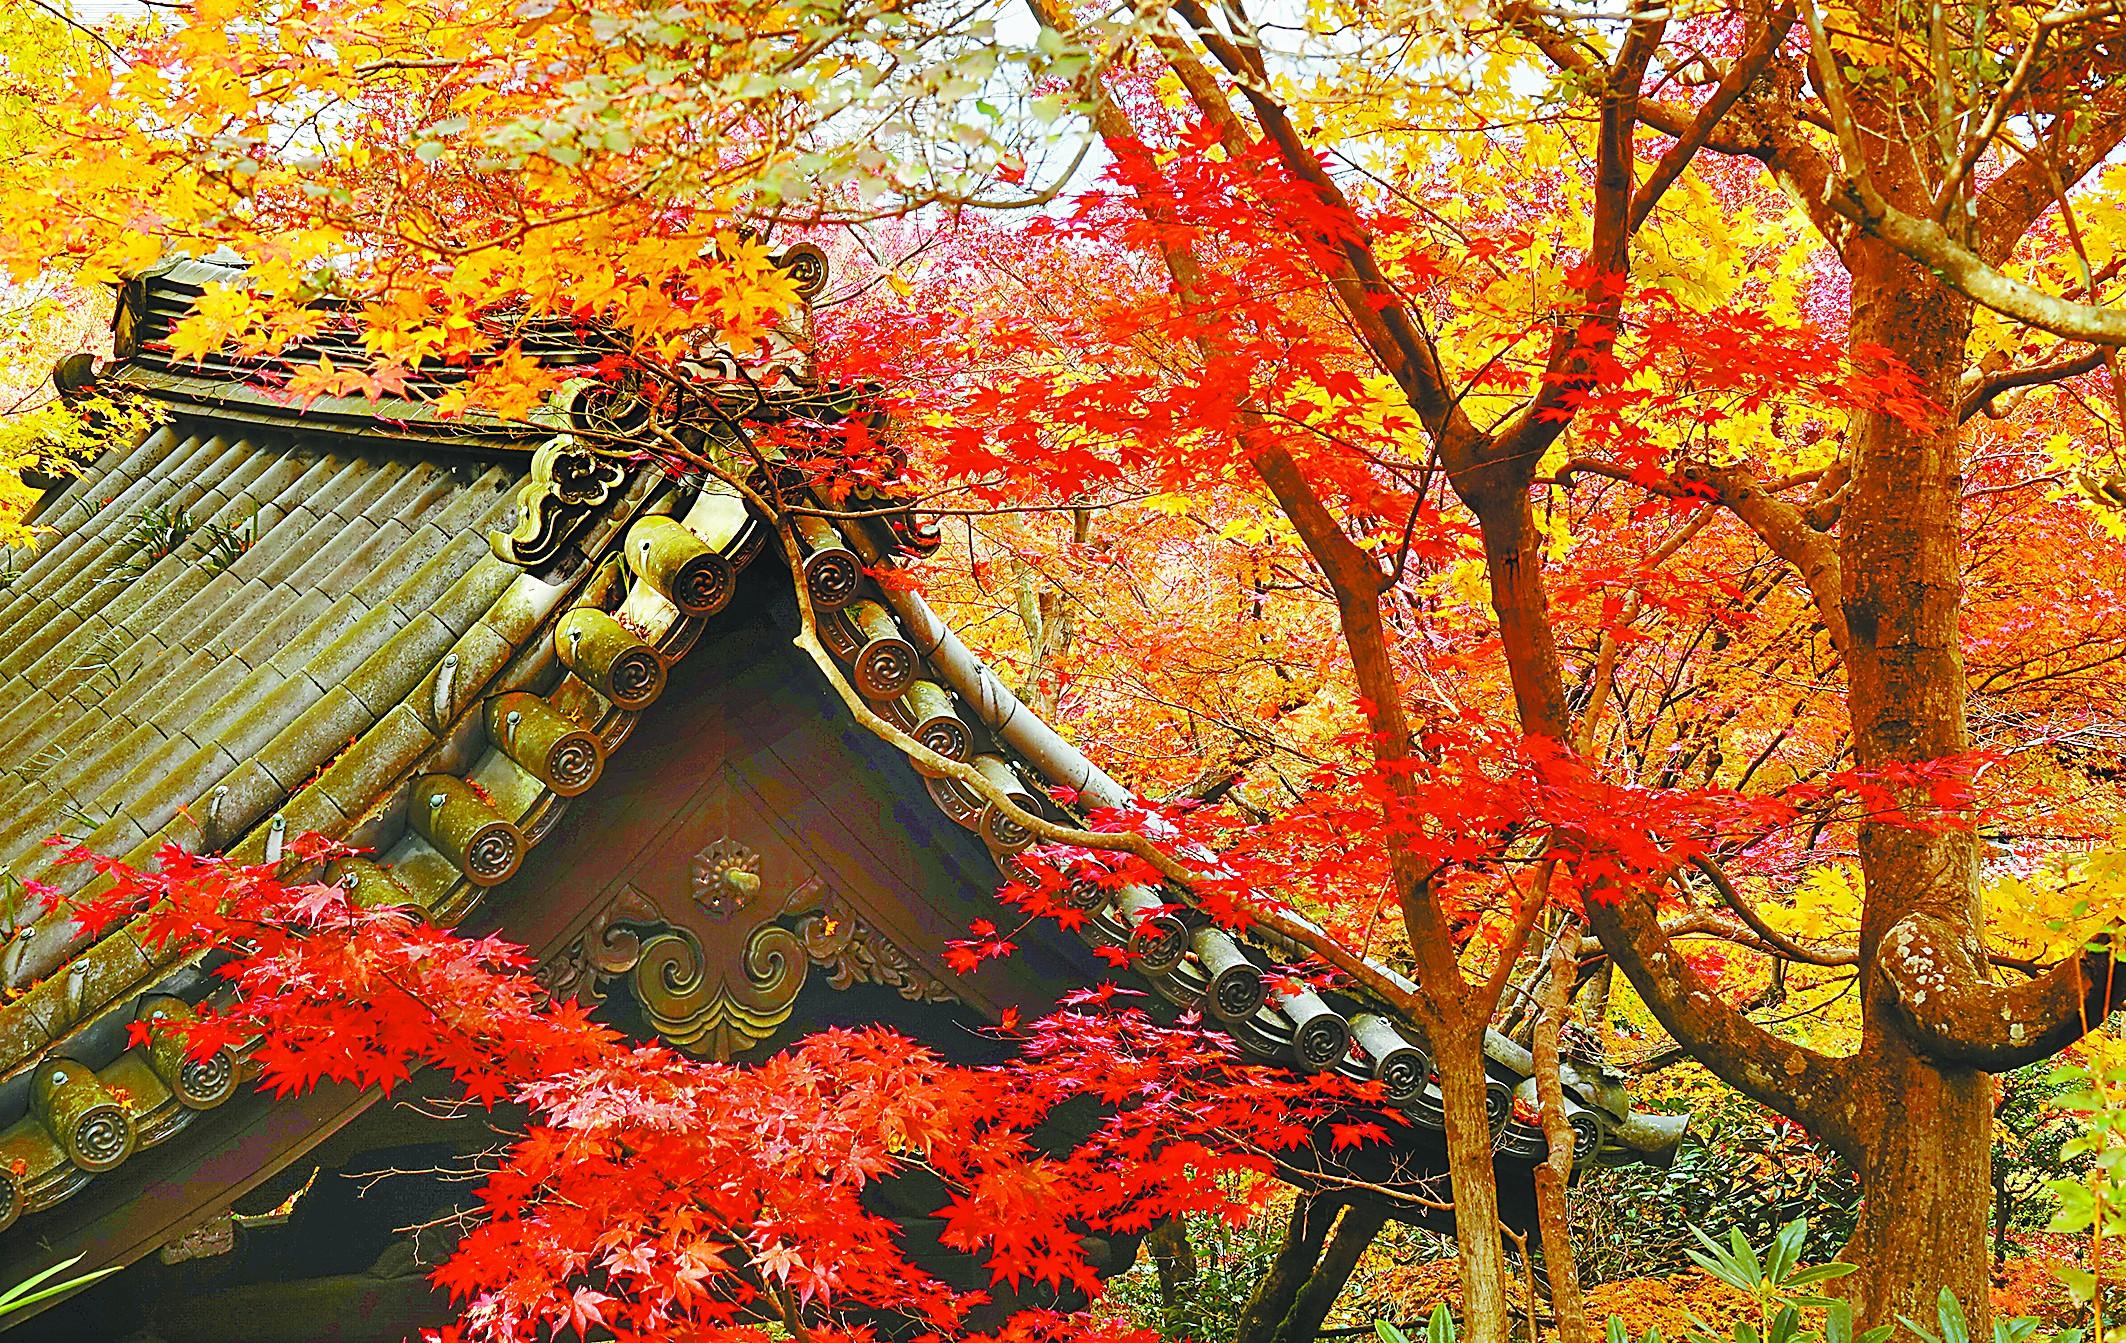 """京都体验""""红叶狩"""" 远眺古寺燃焰 近观碧池染红"""